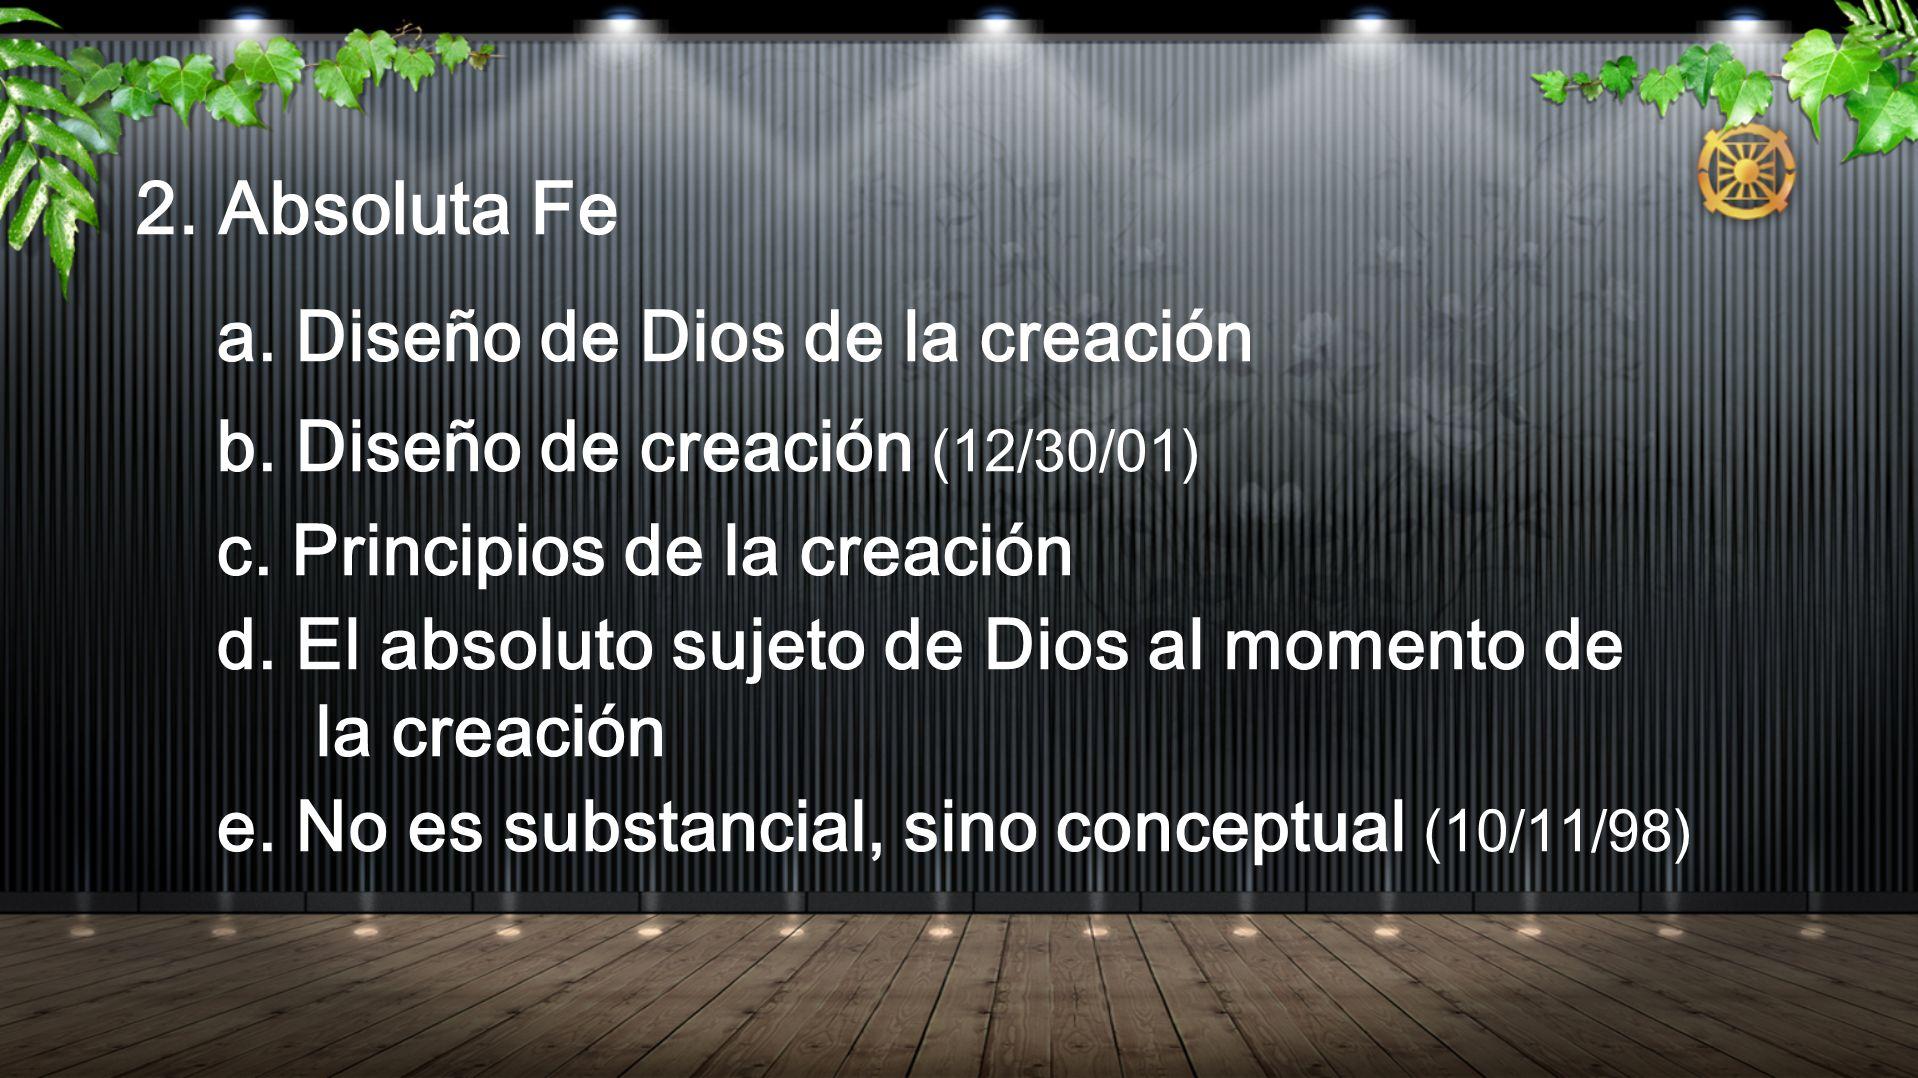 2. Absoluta Fe a. Diseño de Dios de la creación